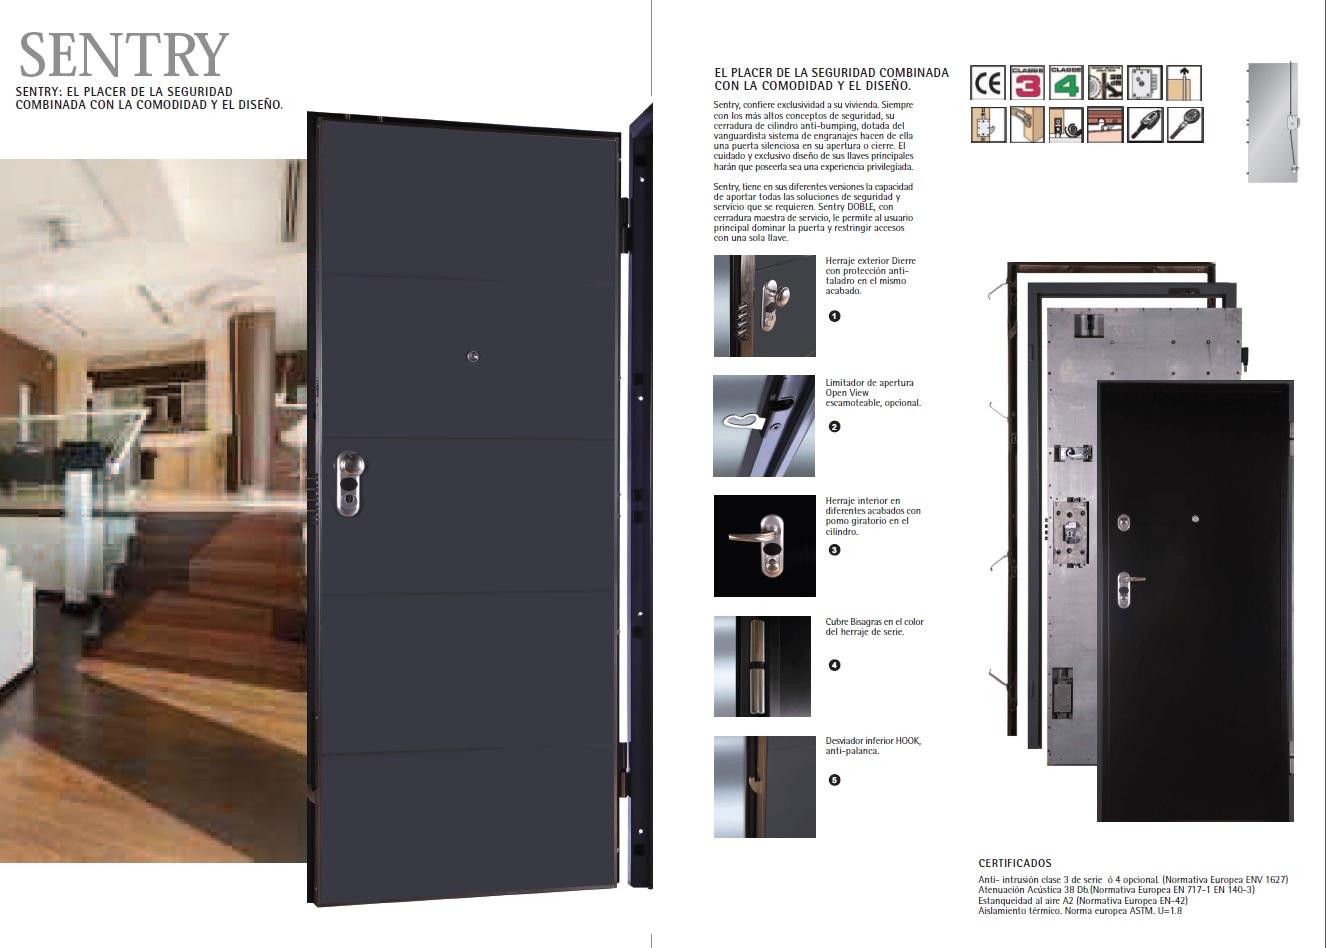 Puerta Acorazada SENTRY 1 (Dierre) - Especial entrada a vivienda.